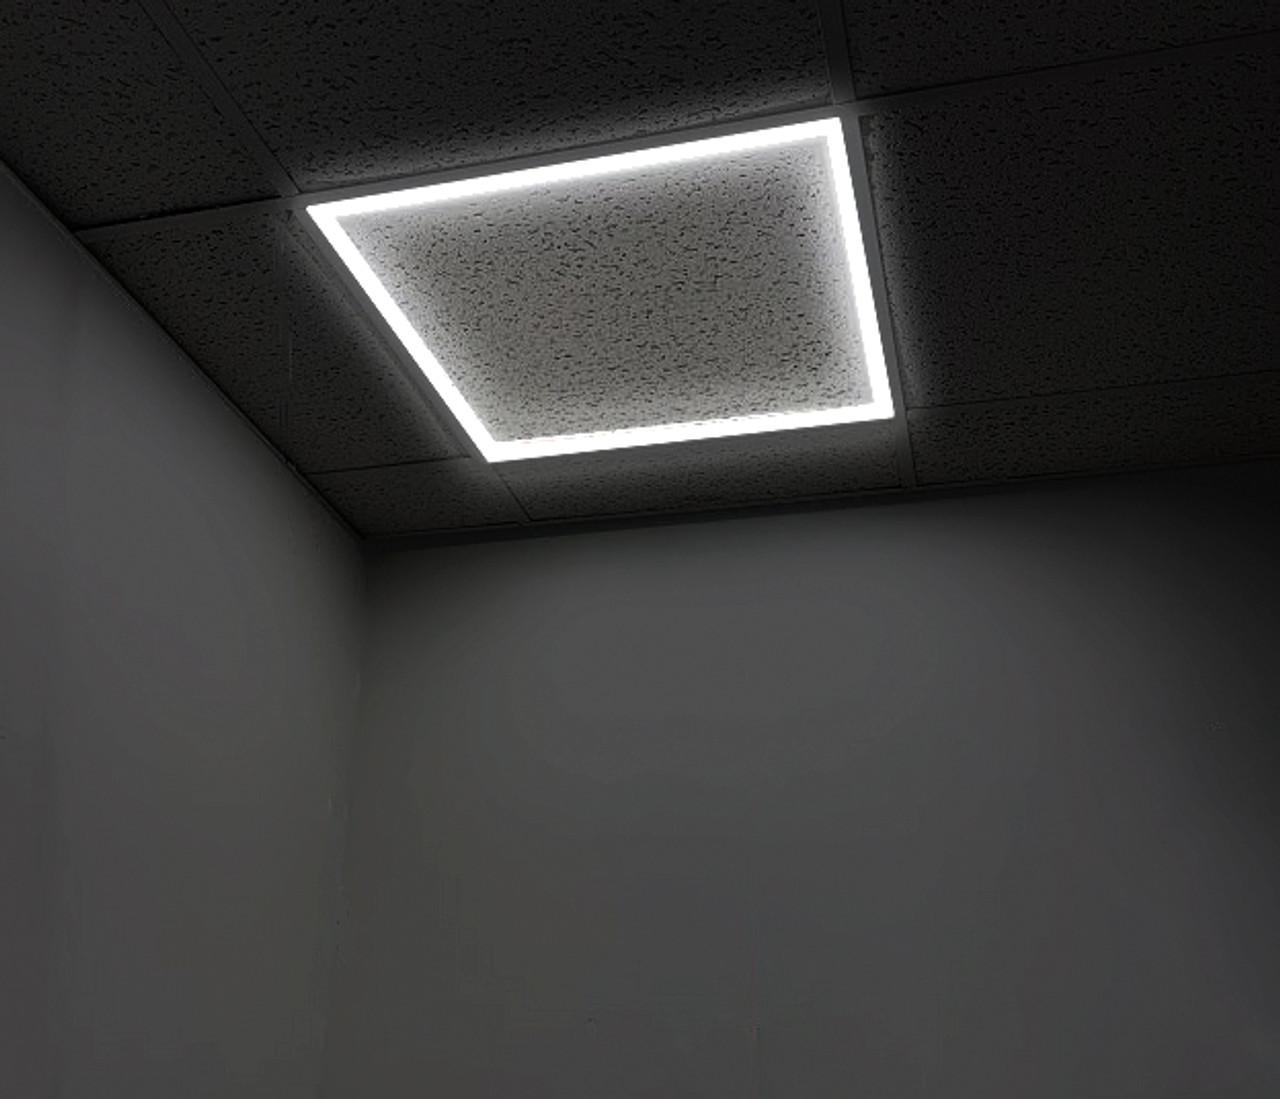 Led Edge Lit Grid Ceiling Tile Perimeter Light